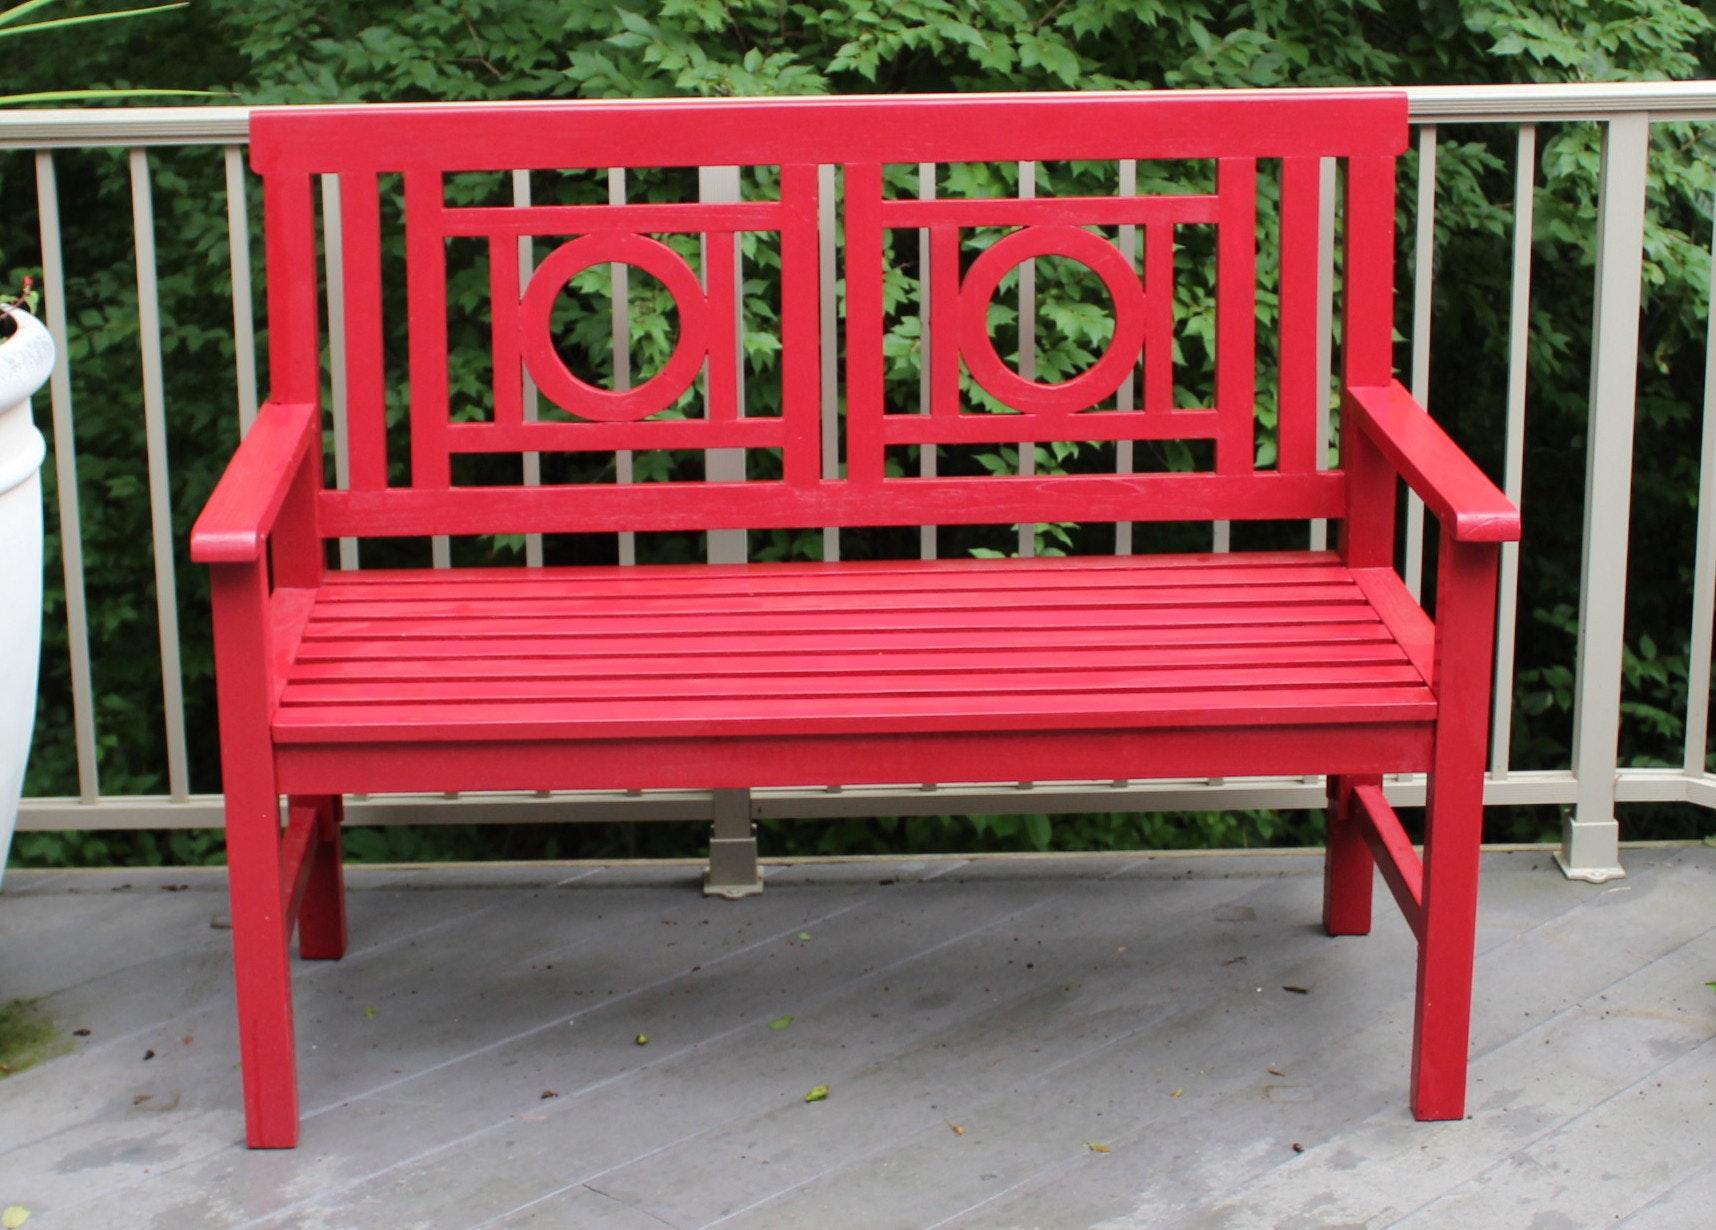 Painted Outdoor Bench from Gardner's Eden